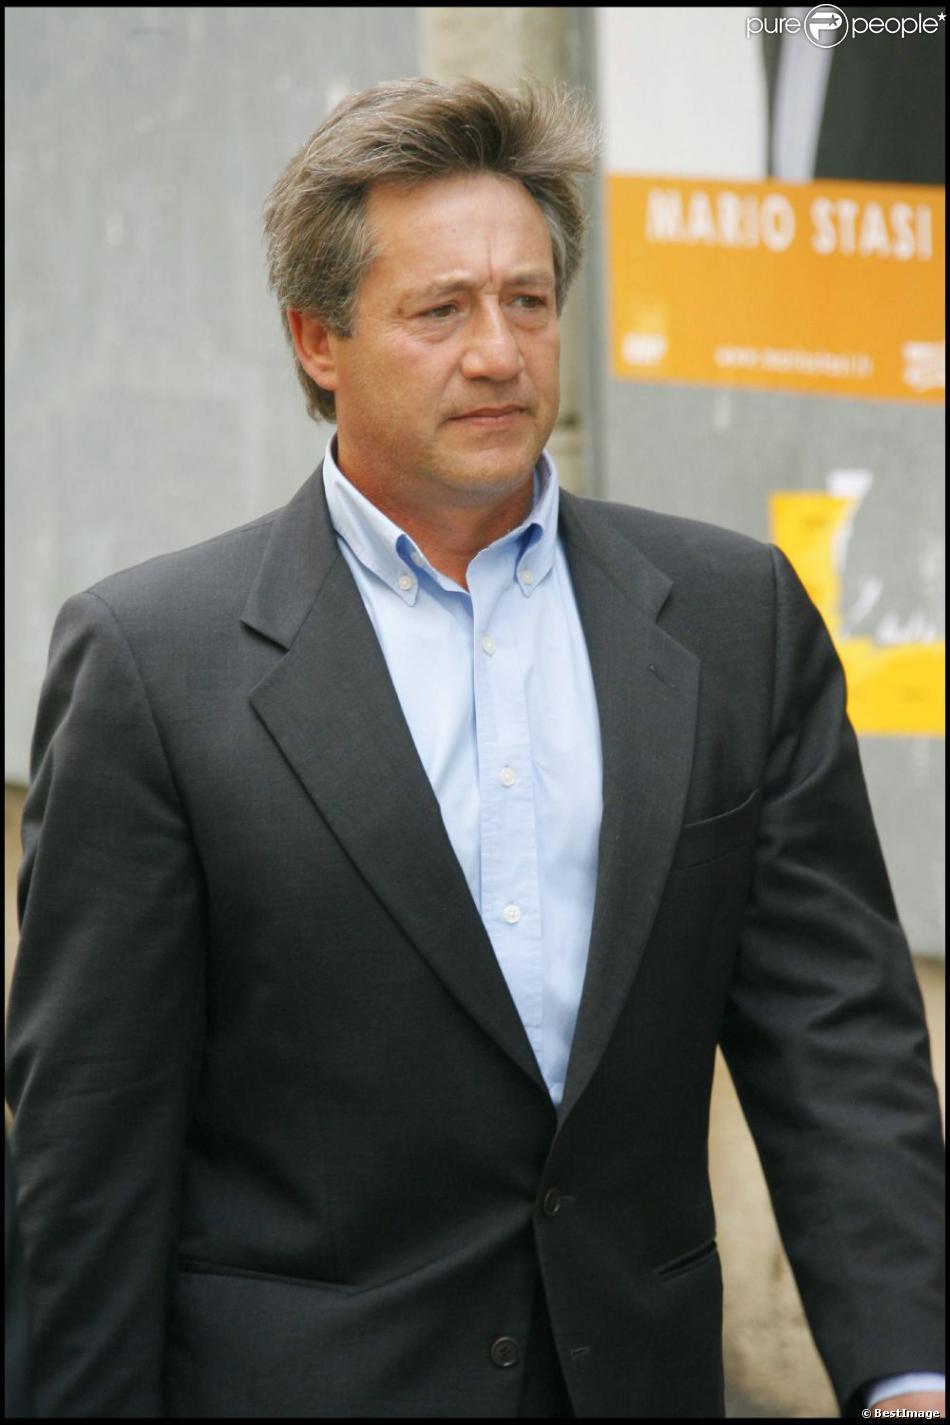 Patrick Sabatier aux obsèques de Jean-Claude Brialy le 4 juin 2007 à Paris.